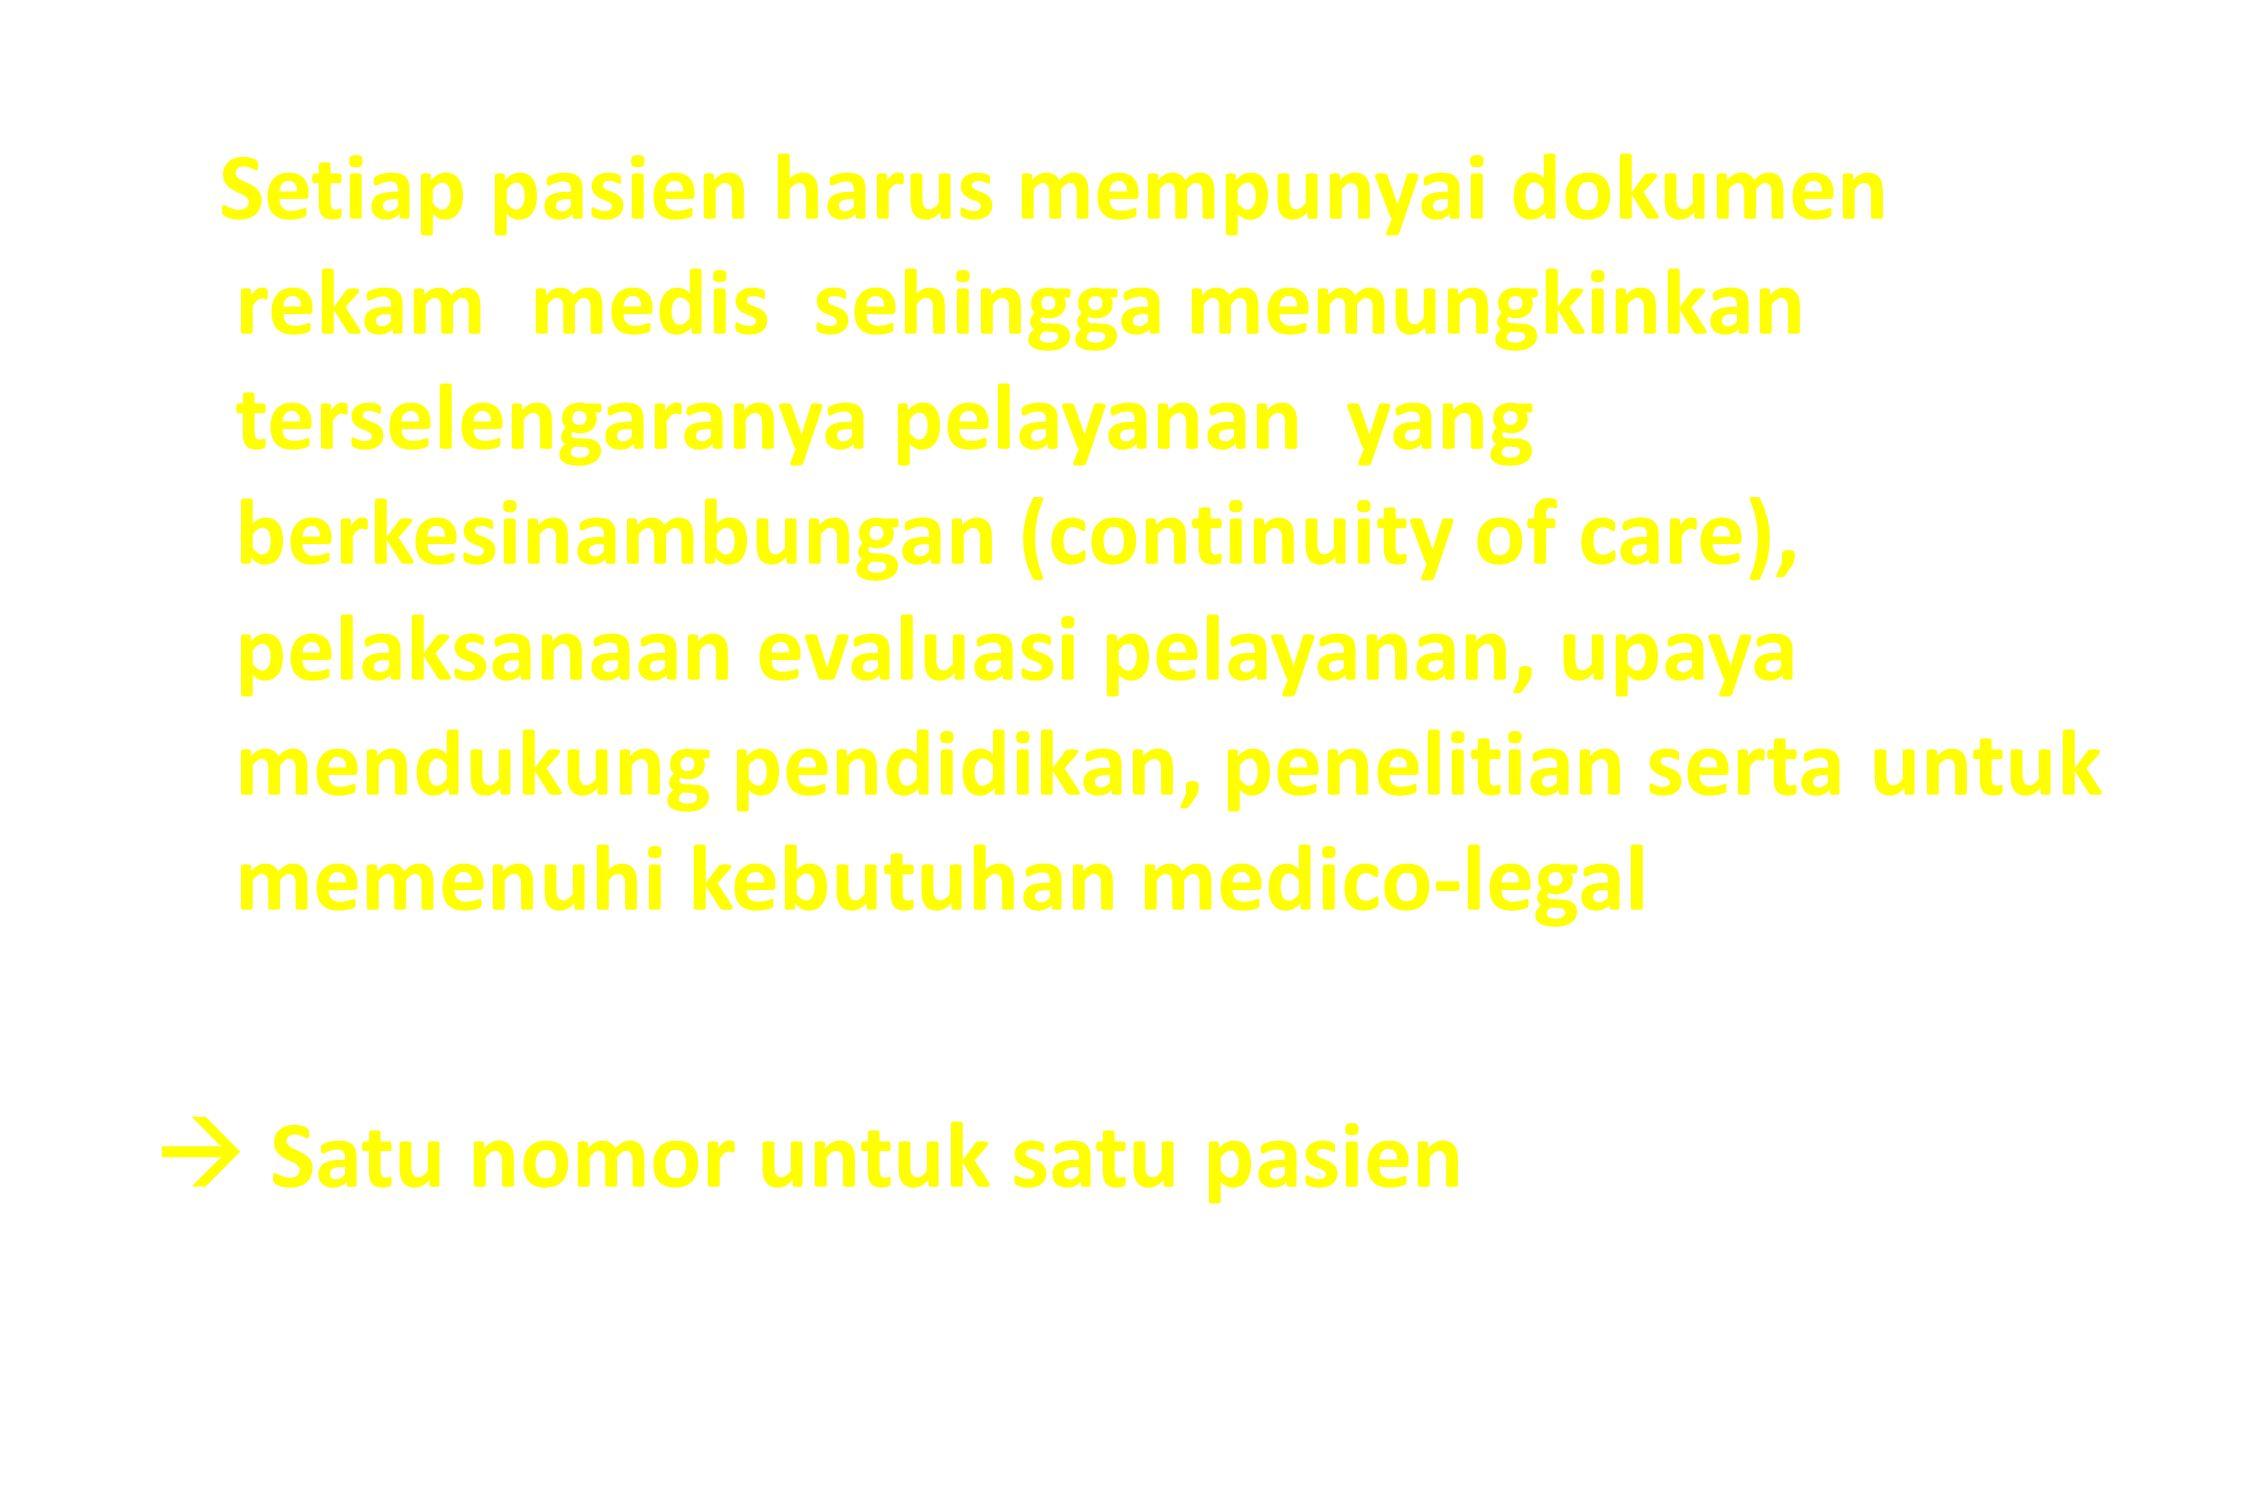 Setiap pasien harus mempunyai dokumen rekam medis sehingga memungkinkan terselengaranya pelayanan yang berkesinambungan (continuity of care), pelaksan